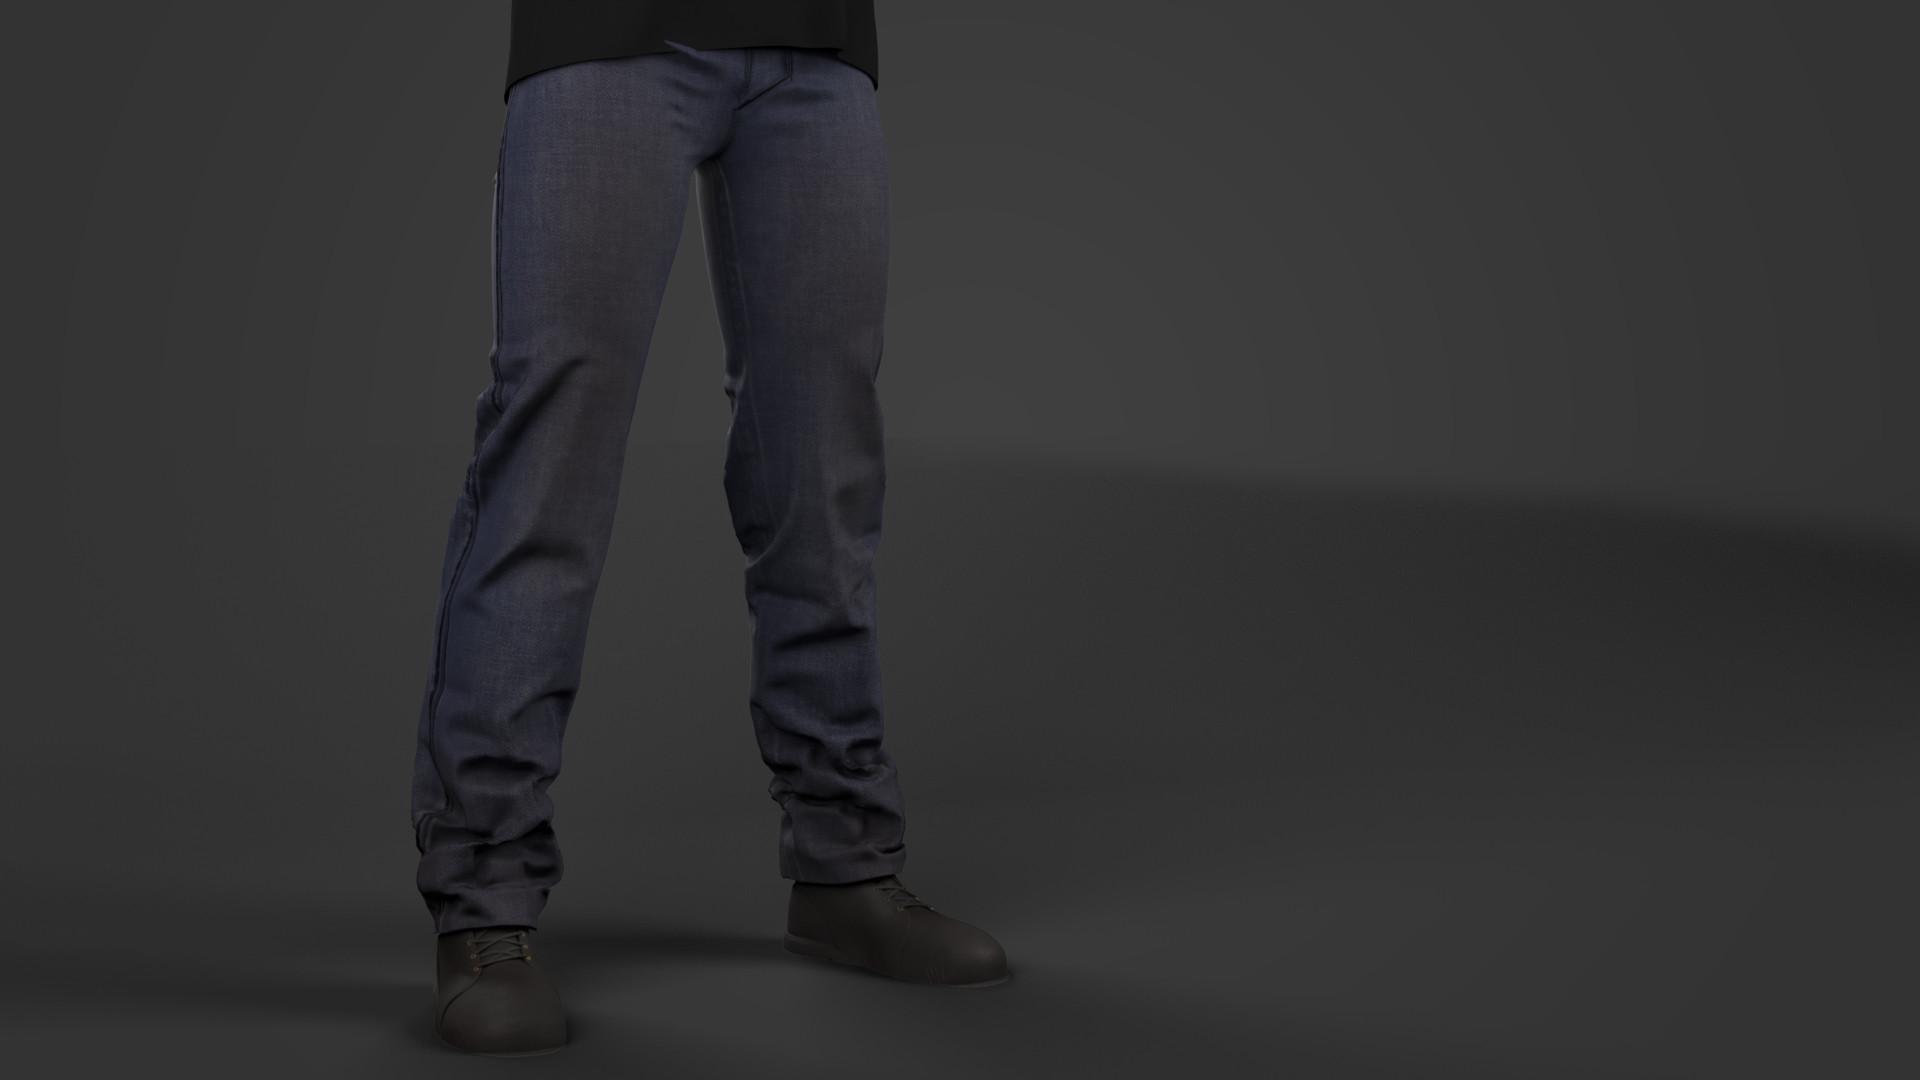 Josh mccann pants